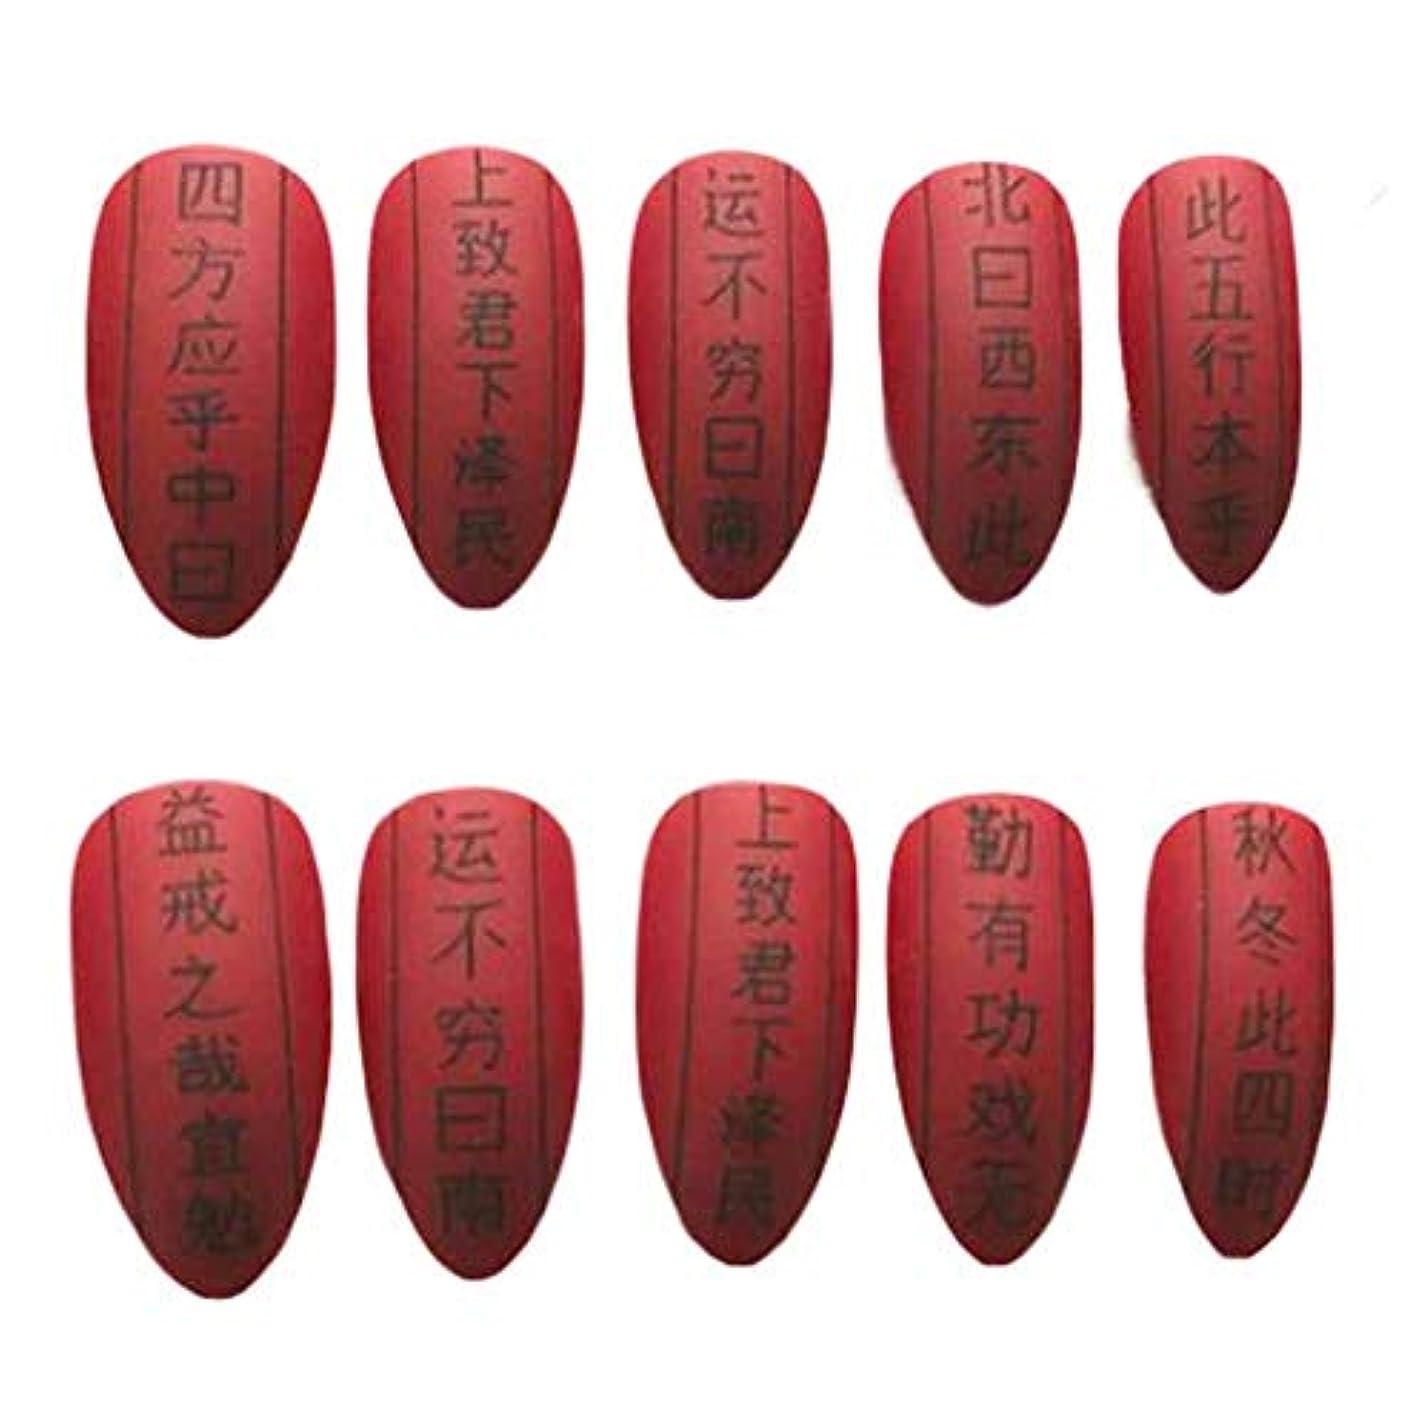 予見する推進力タバコ三字経 - 赤い偽の指爪人工爪の装飾の爪のヒント